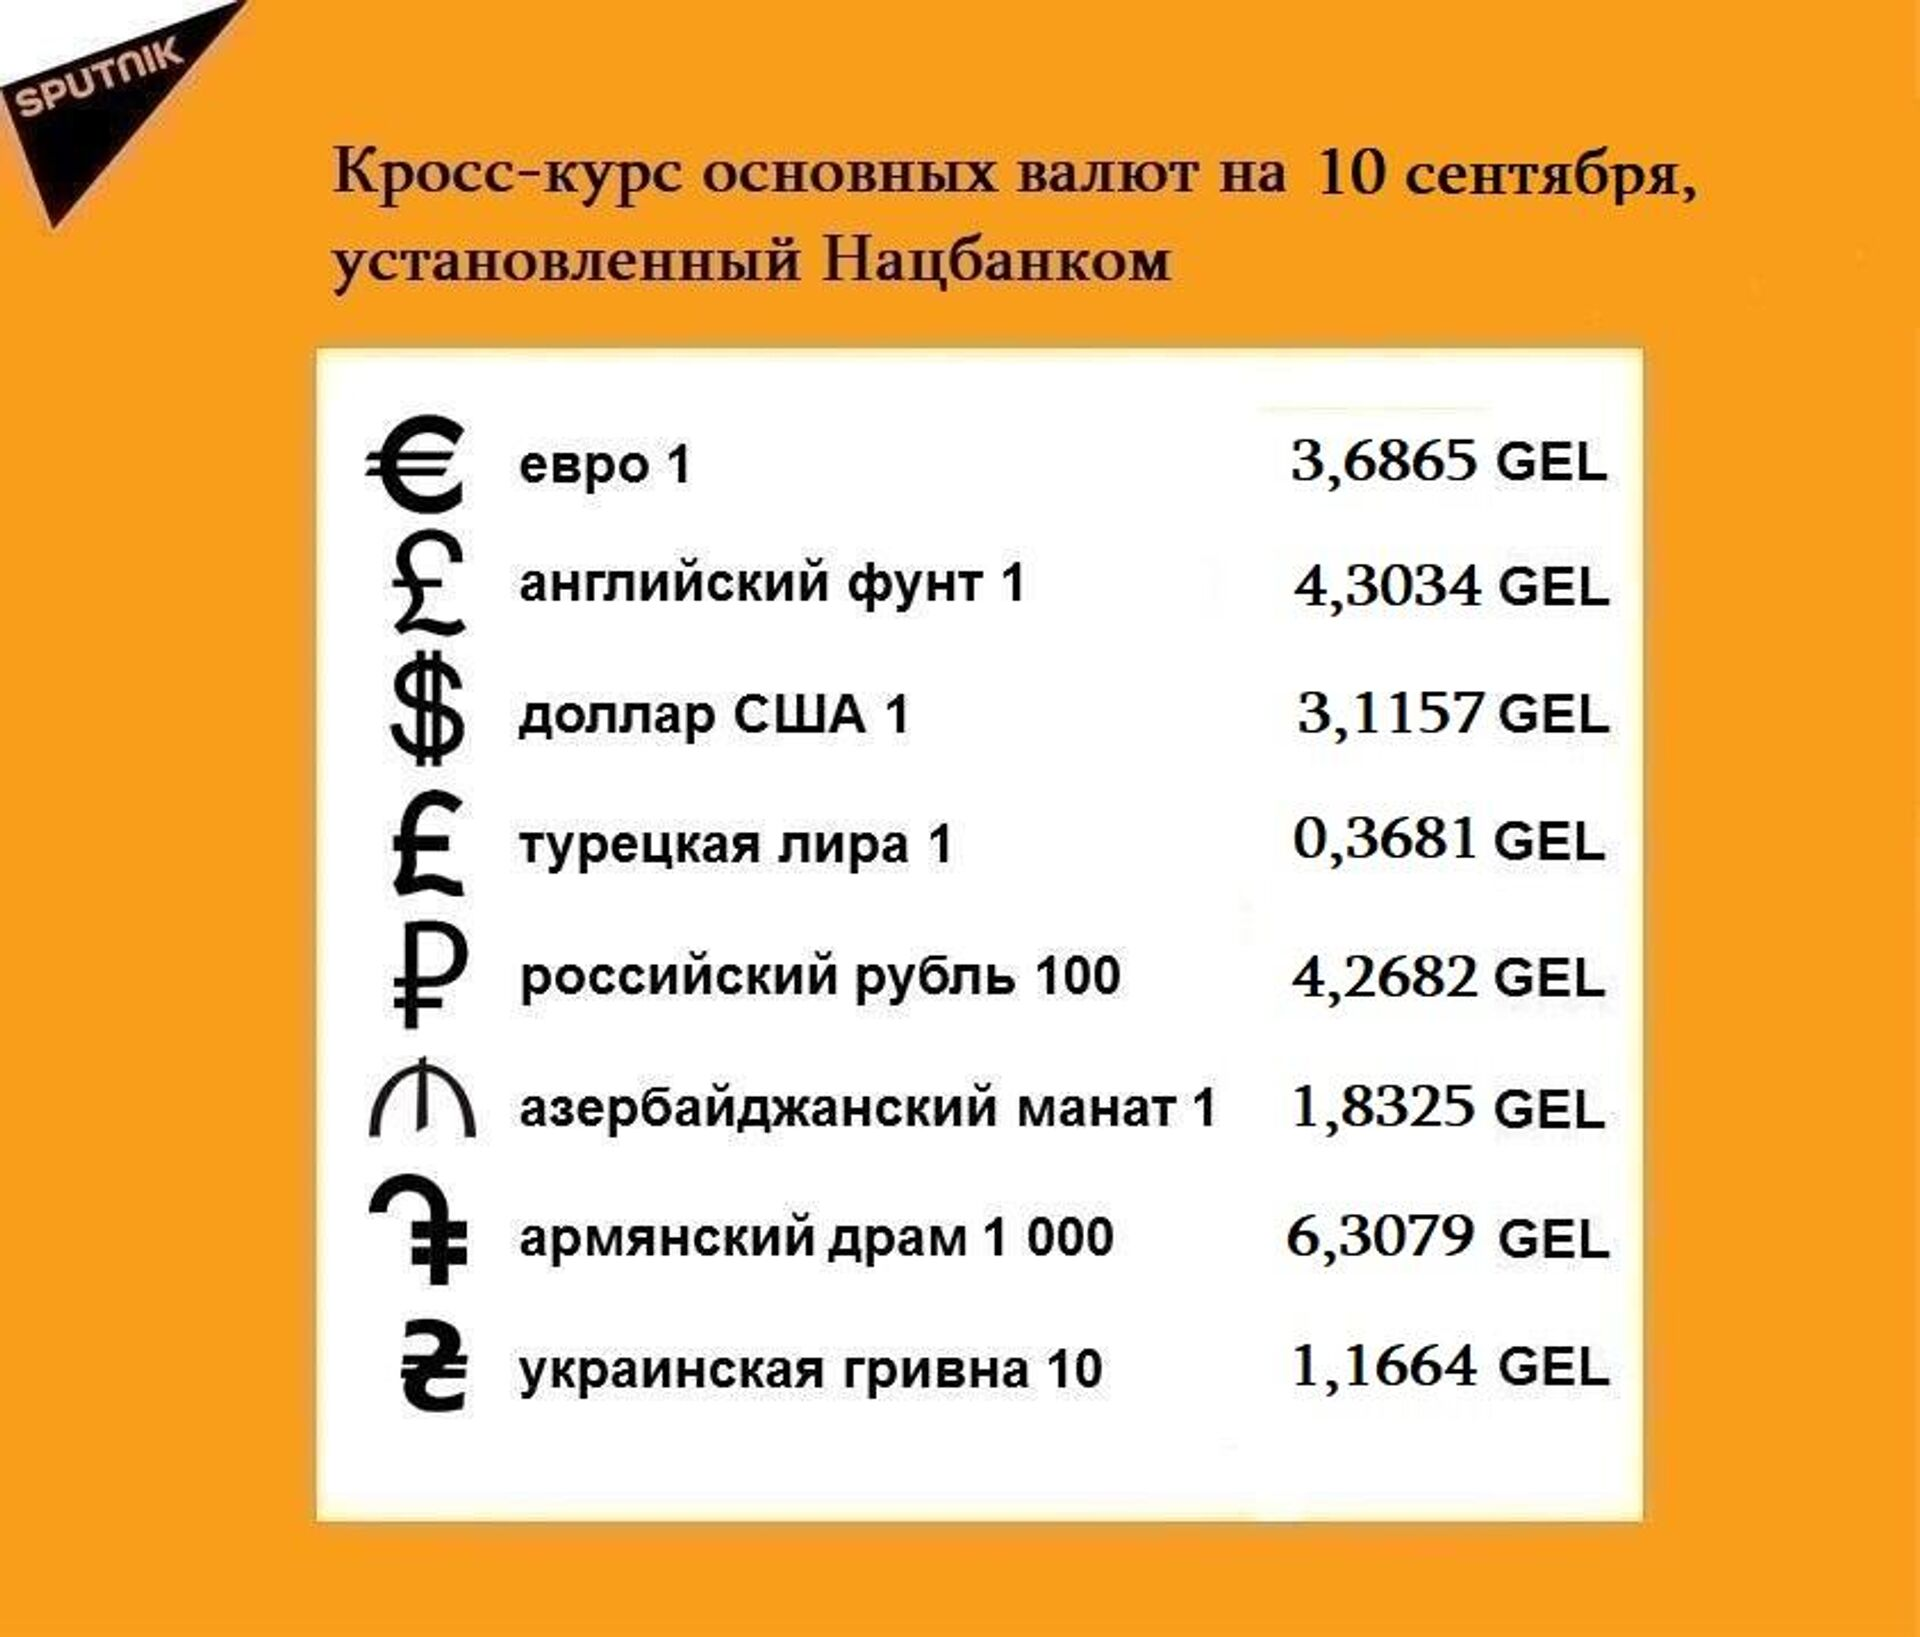 Кросс-курс основных валют на 10 сентября - Sputnik Грузия, 1920, 09.09.2021